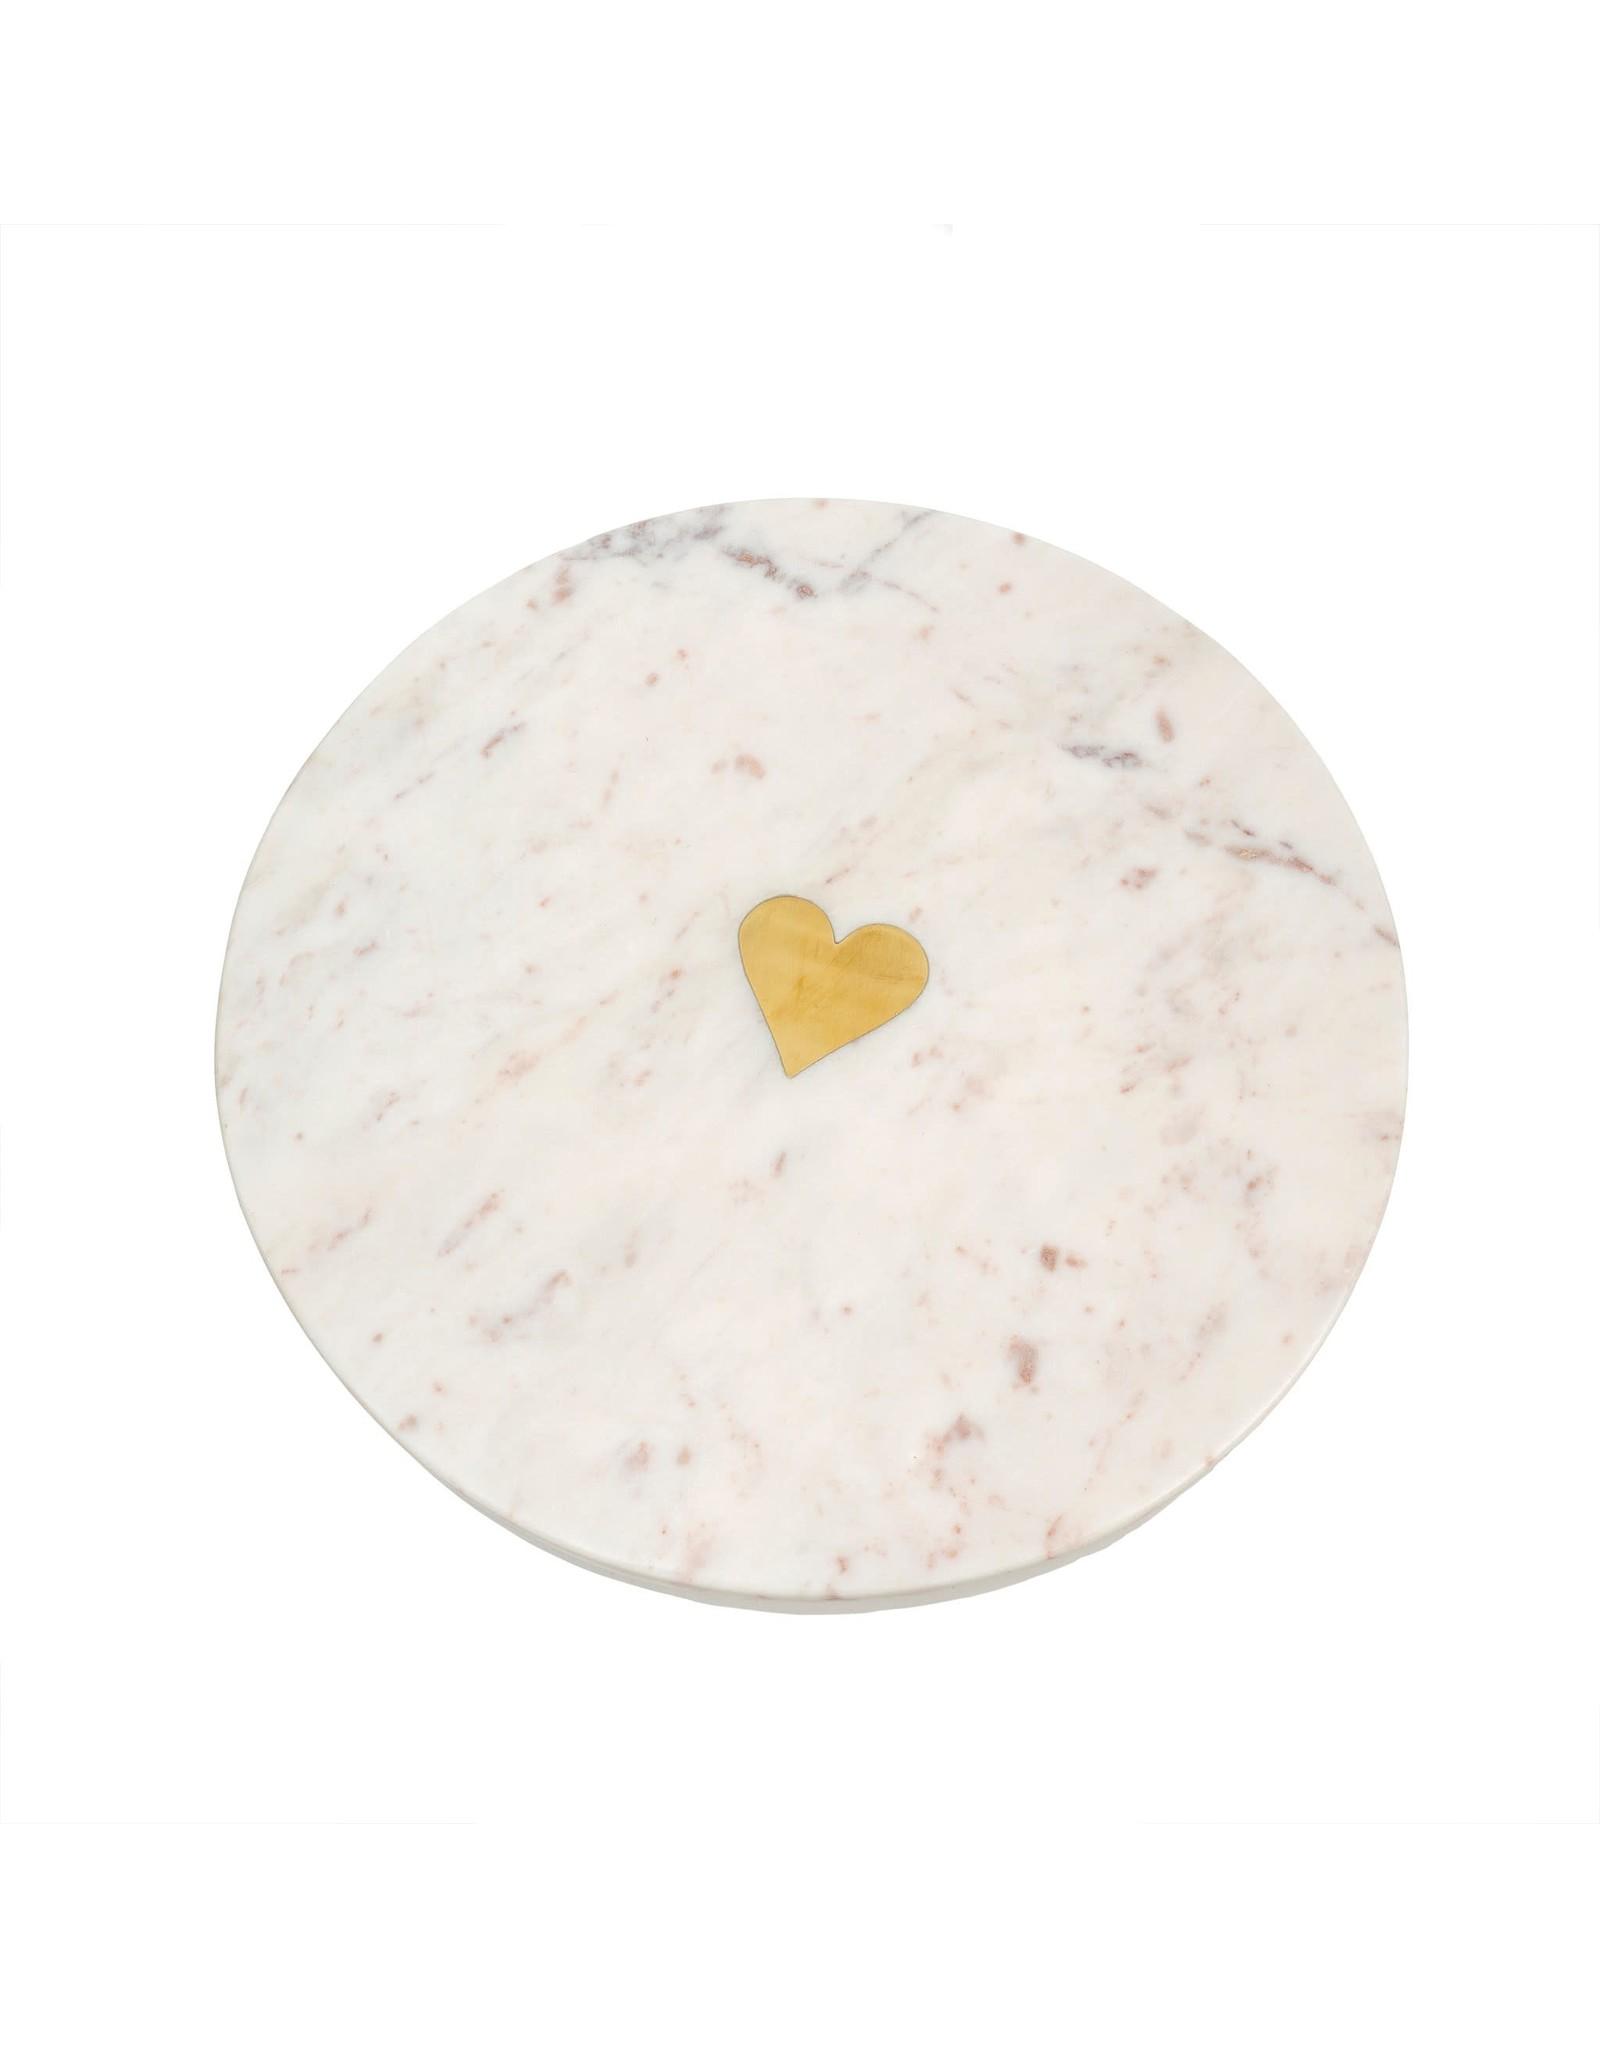 Sweet Heart marble  serving board